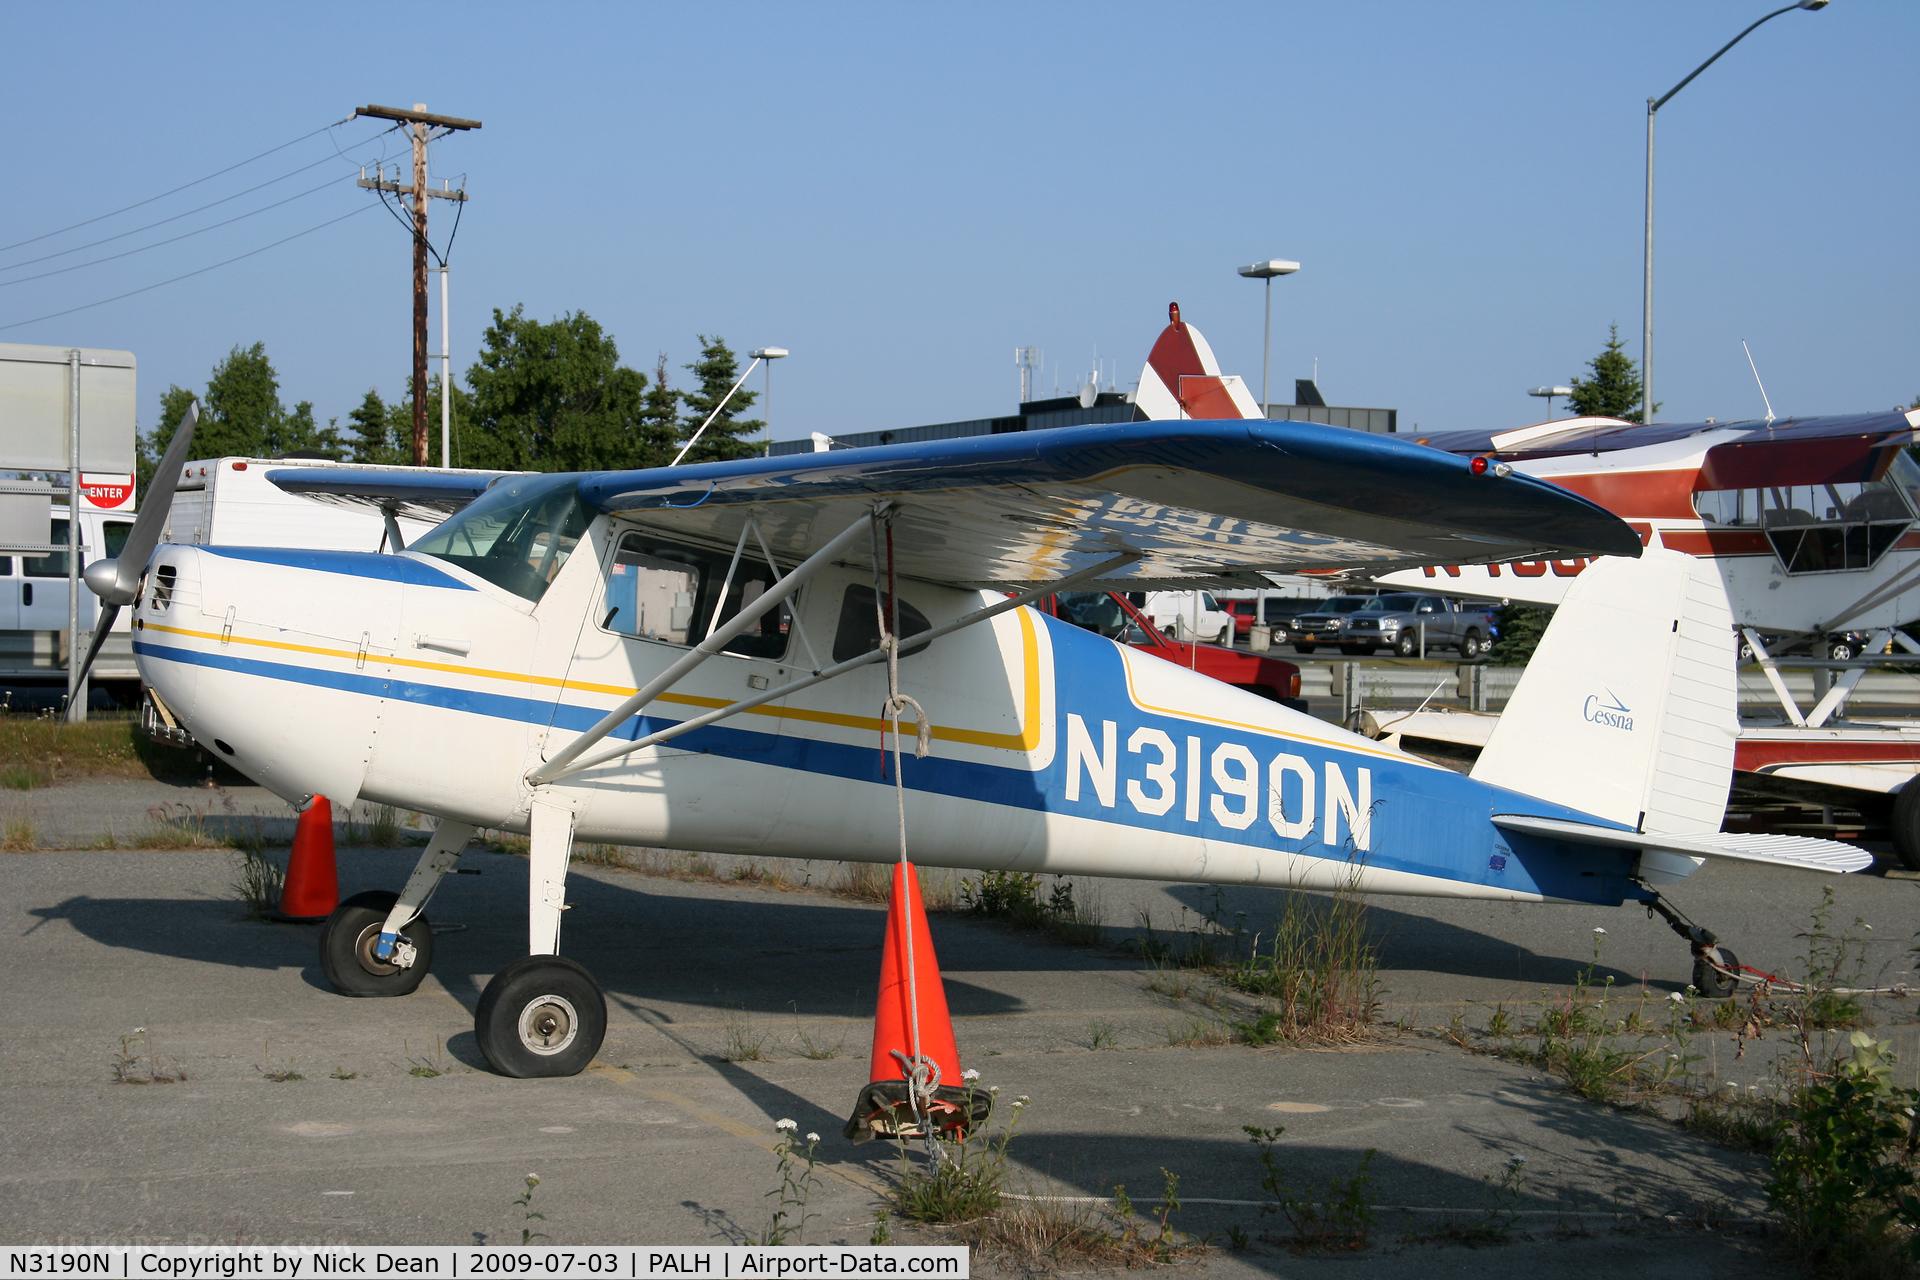 N3190N, 1947 Cessna 140 C/N 13448, PALH